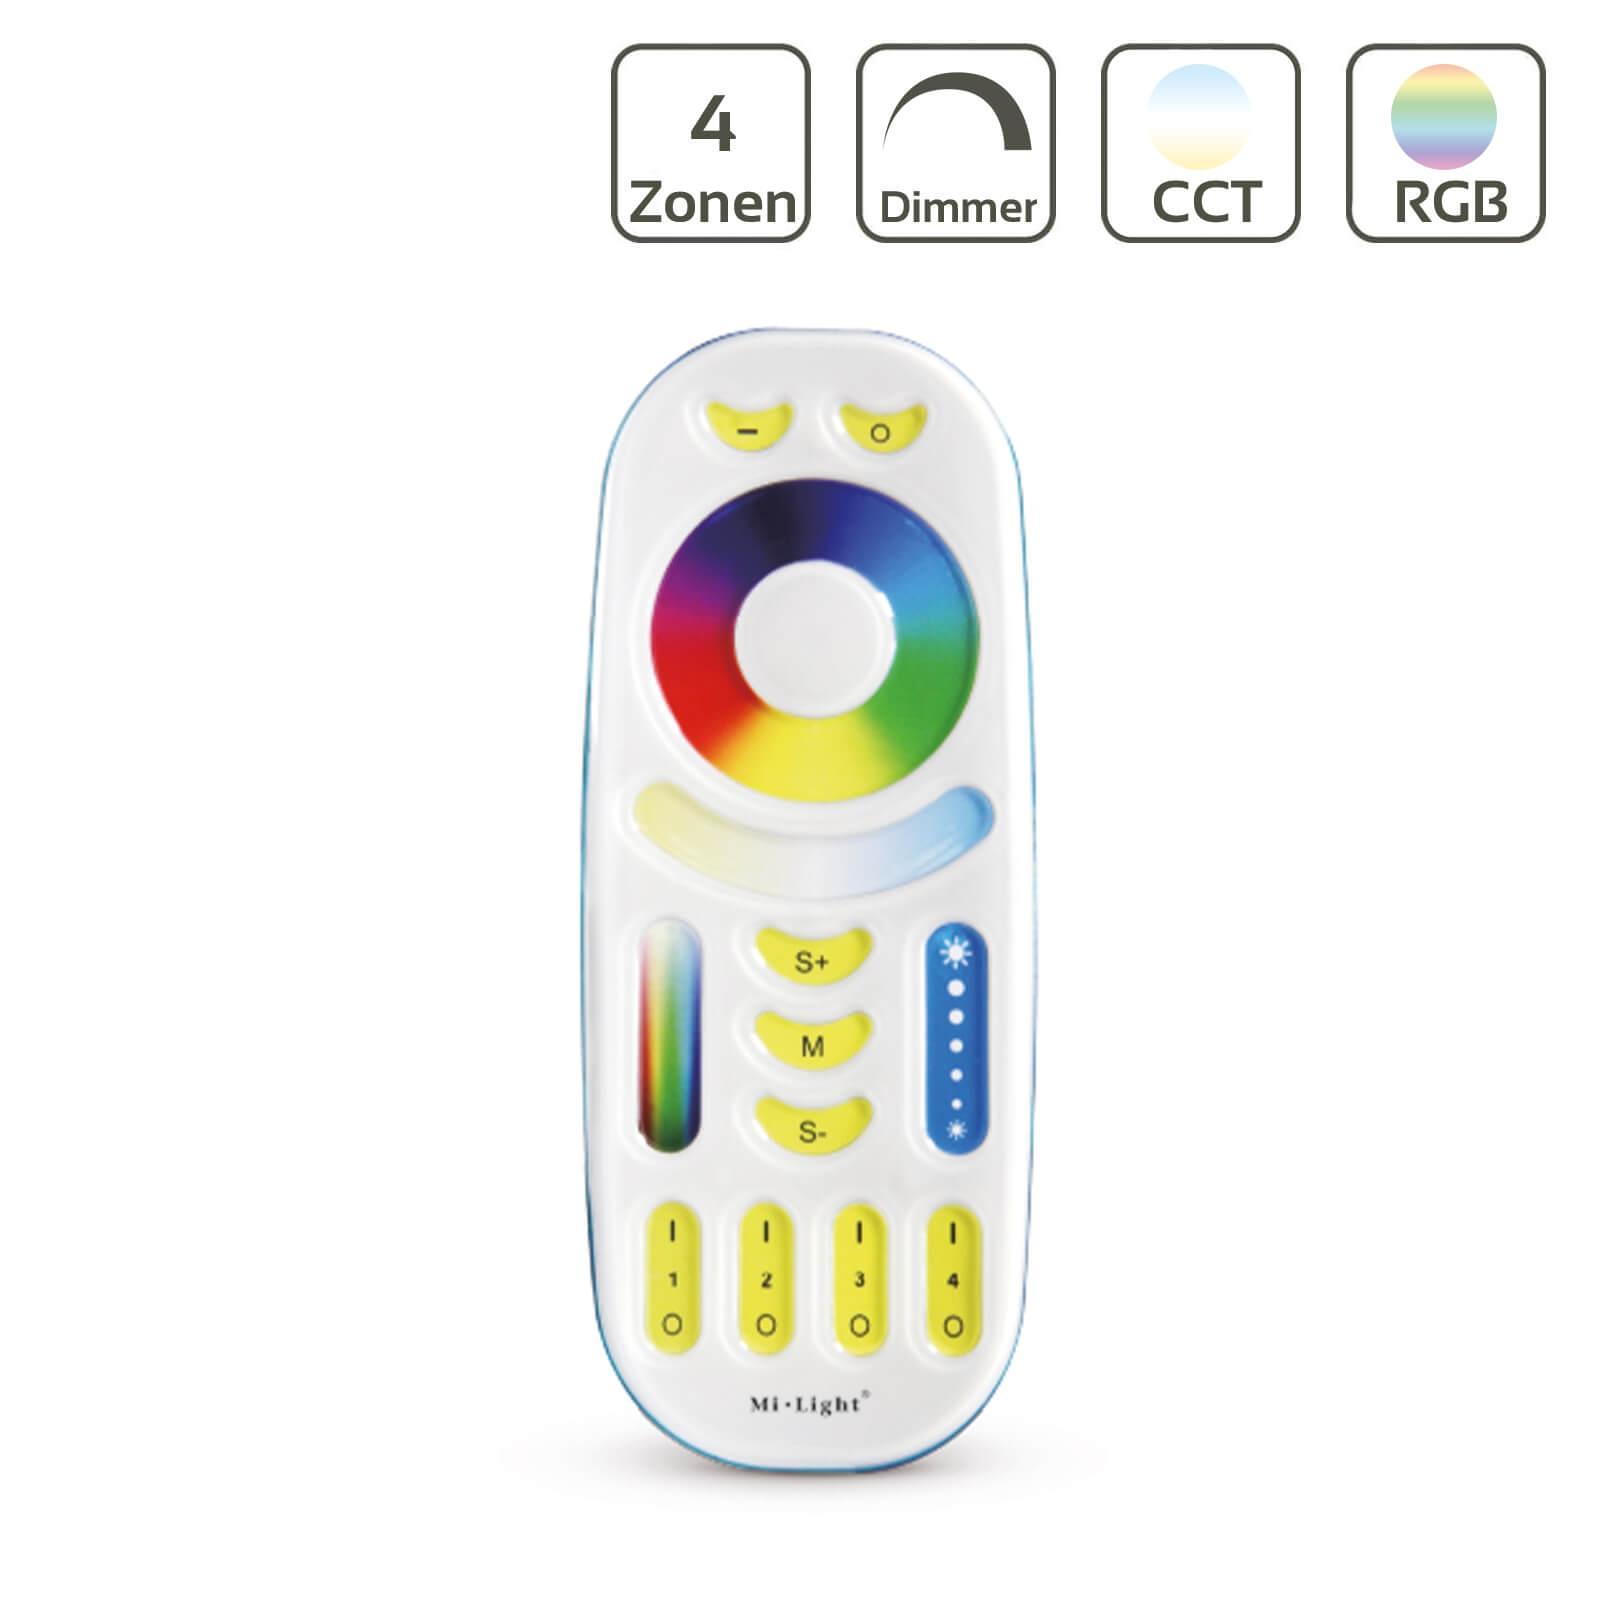 MiBoxer RGB+CCT Fernbedienung 4 Zonen Dimmen Schalten Farbsteuerung FUT092